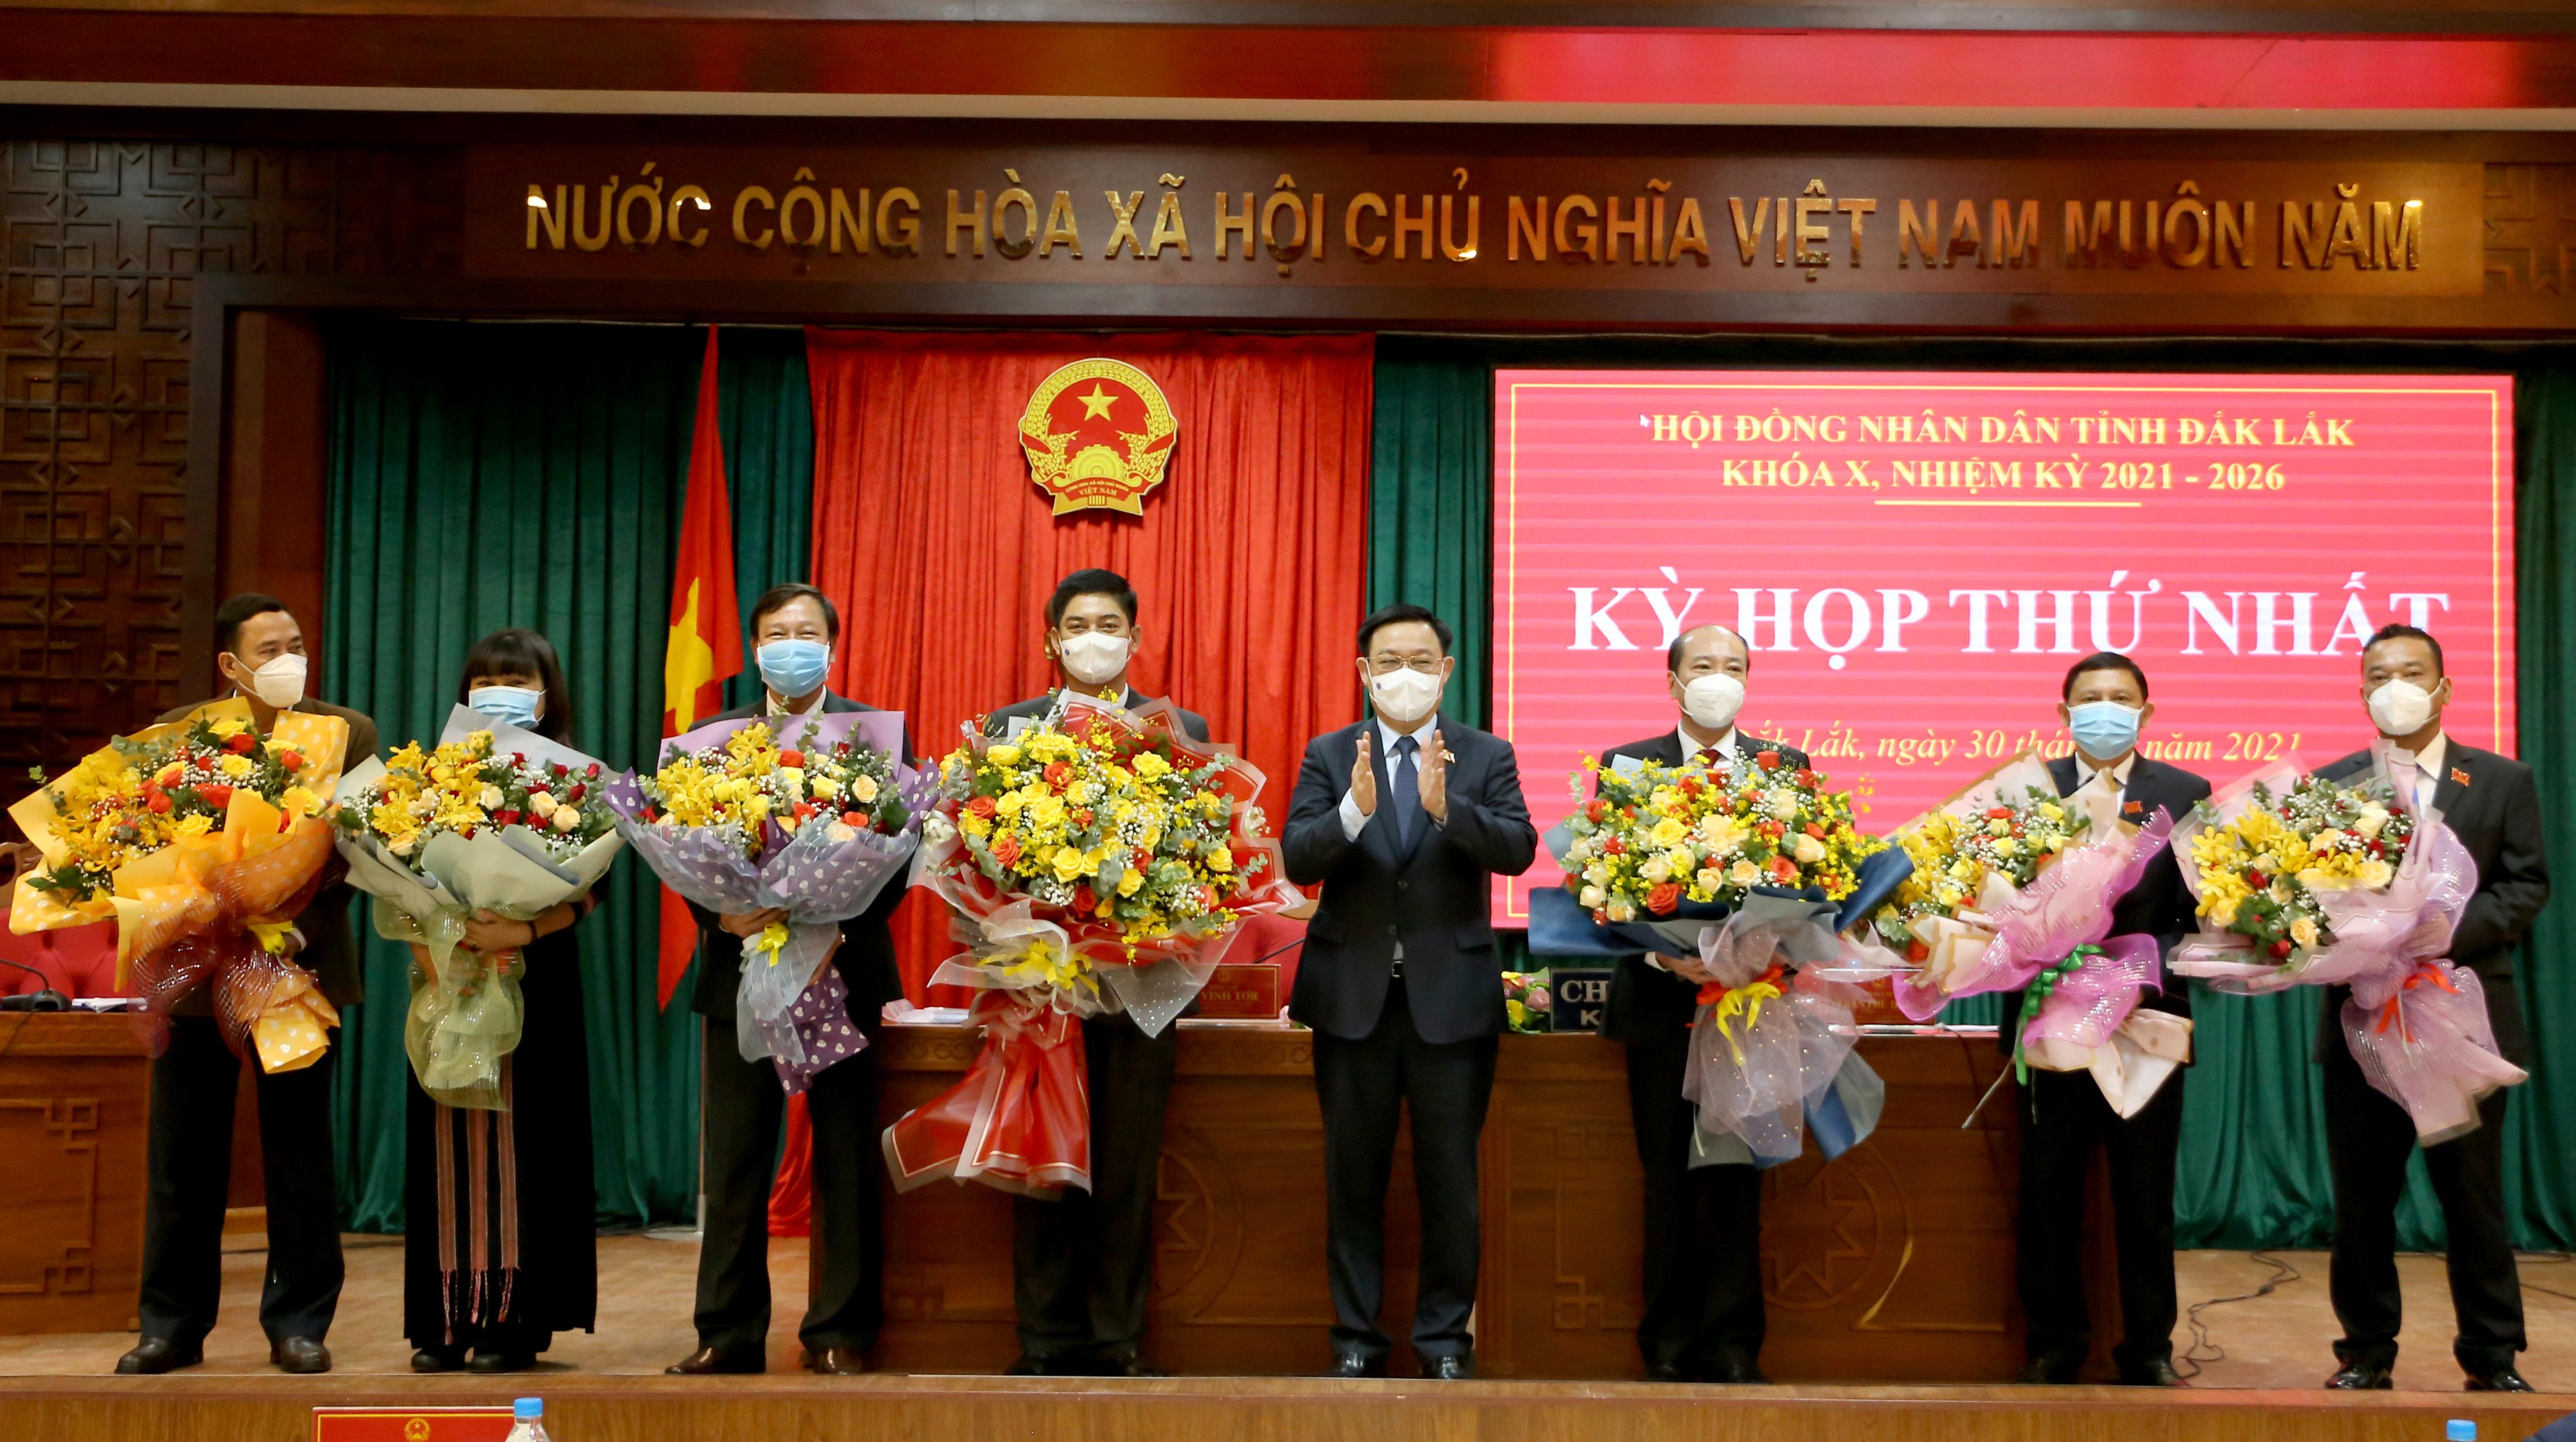 Kỳ họp thứ nhất, HĐND tỉnh Đắk Lắk: Tiến hành bầu các chức danh lãnh đạo chủ chốt của HĐND, UBND tỉnh khóa X